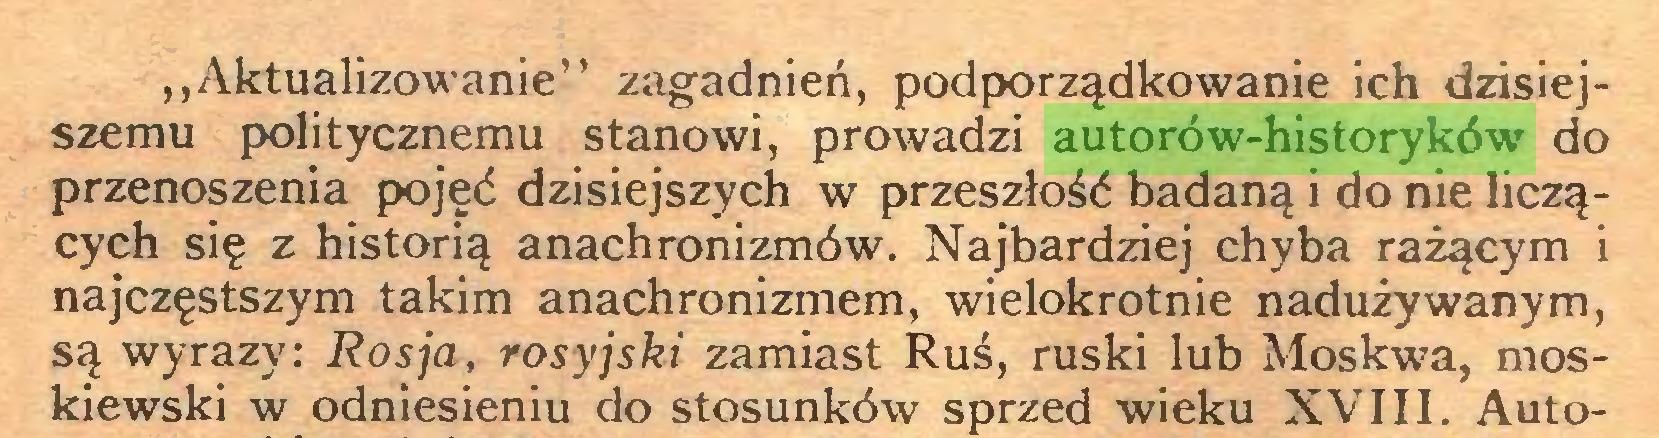 """(...) """"Aktualizowanie"""" zagadnień, podporządkowanie ich dzisiejszemu politycznemu stanowi, prowadzi autorów-historyków do przenoszenia pojęć dzisiejszych w przeszłość badaną i do nie liczących się z historią anachronizmów. Najbardziej chyba rażącym i najczęstszym takim anachronizmem, wielokrotnie nadużywanym, są wyrazy: Rosja, rosyjski zamiast Ruś, ruski lub Moskwa, moskiewski w odniesieniu do stosunków sprzed wieku XVIII. Auto..."""